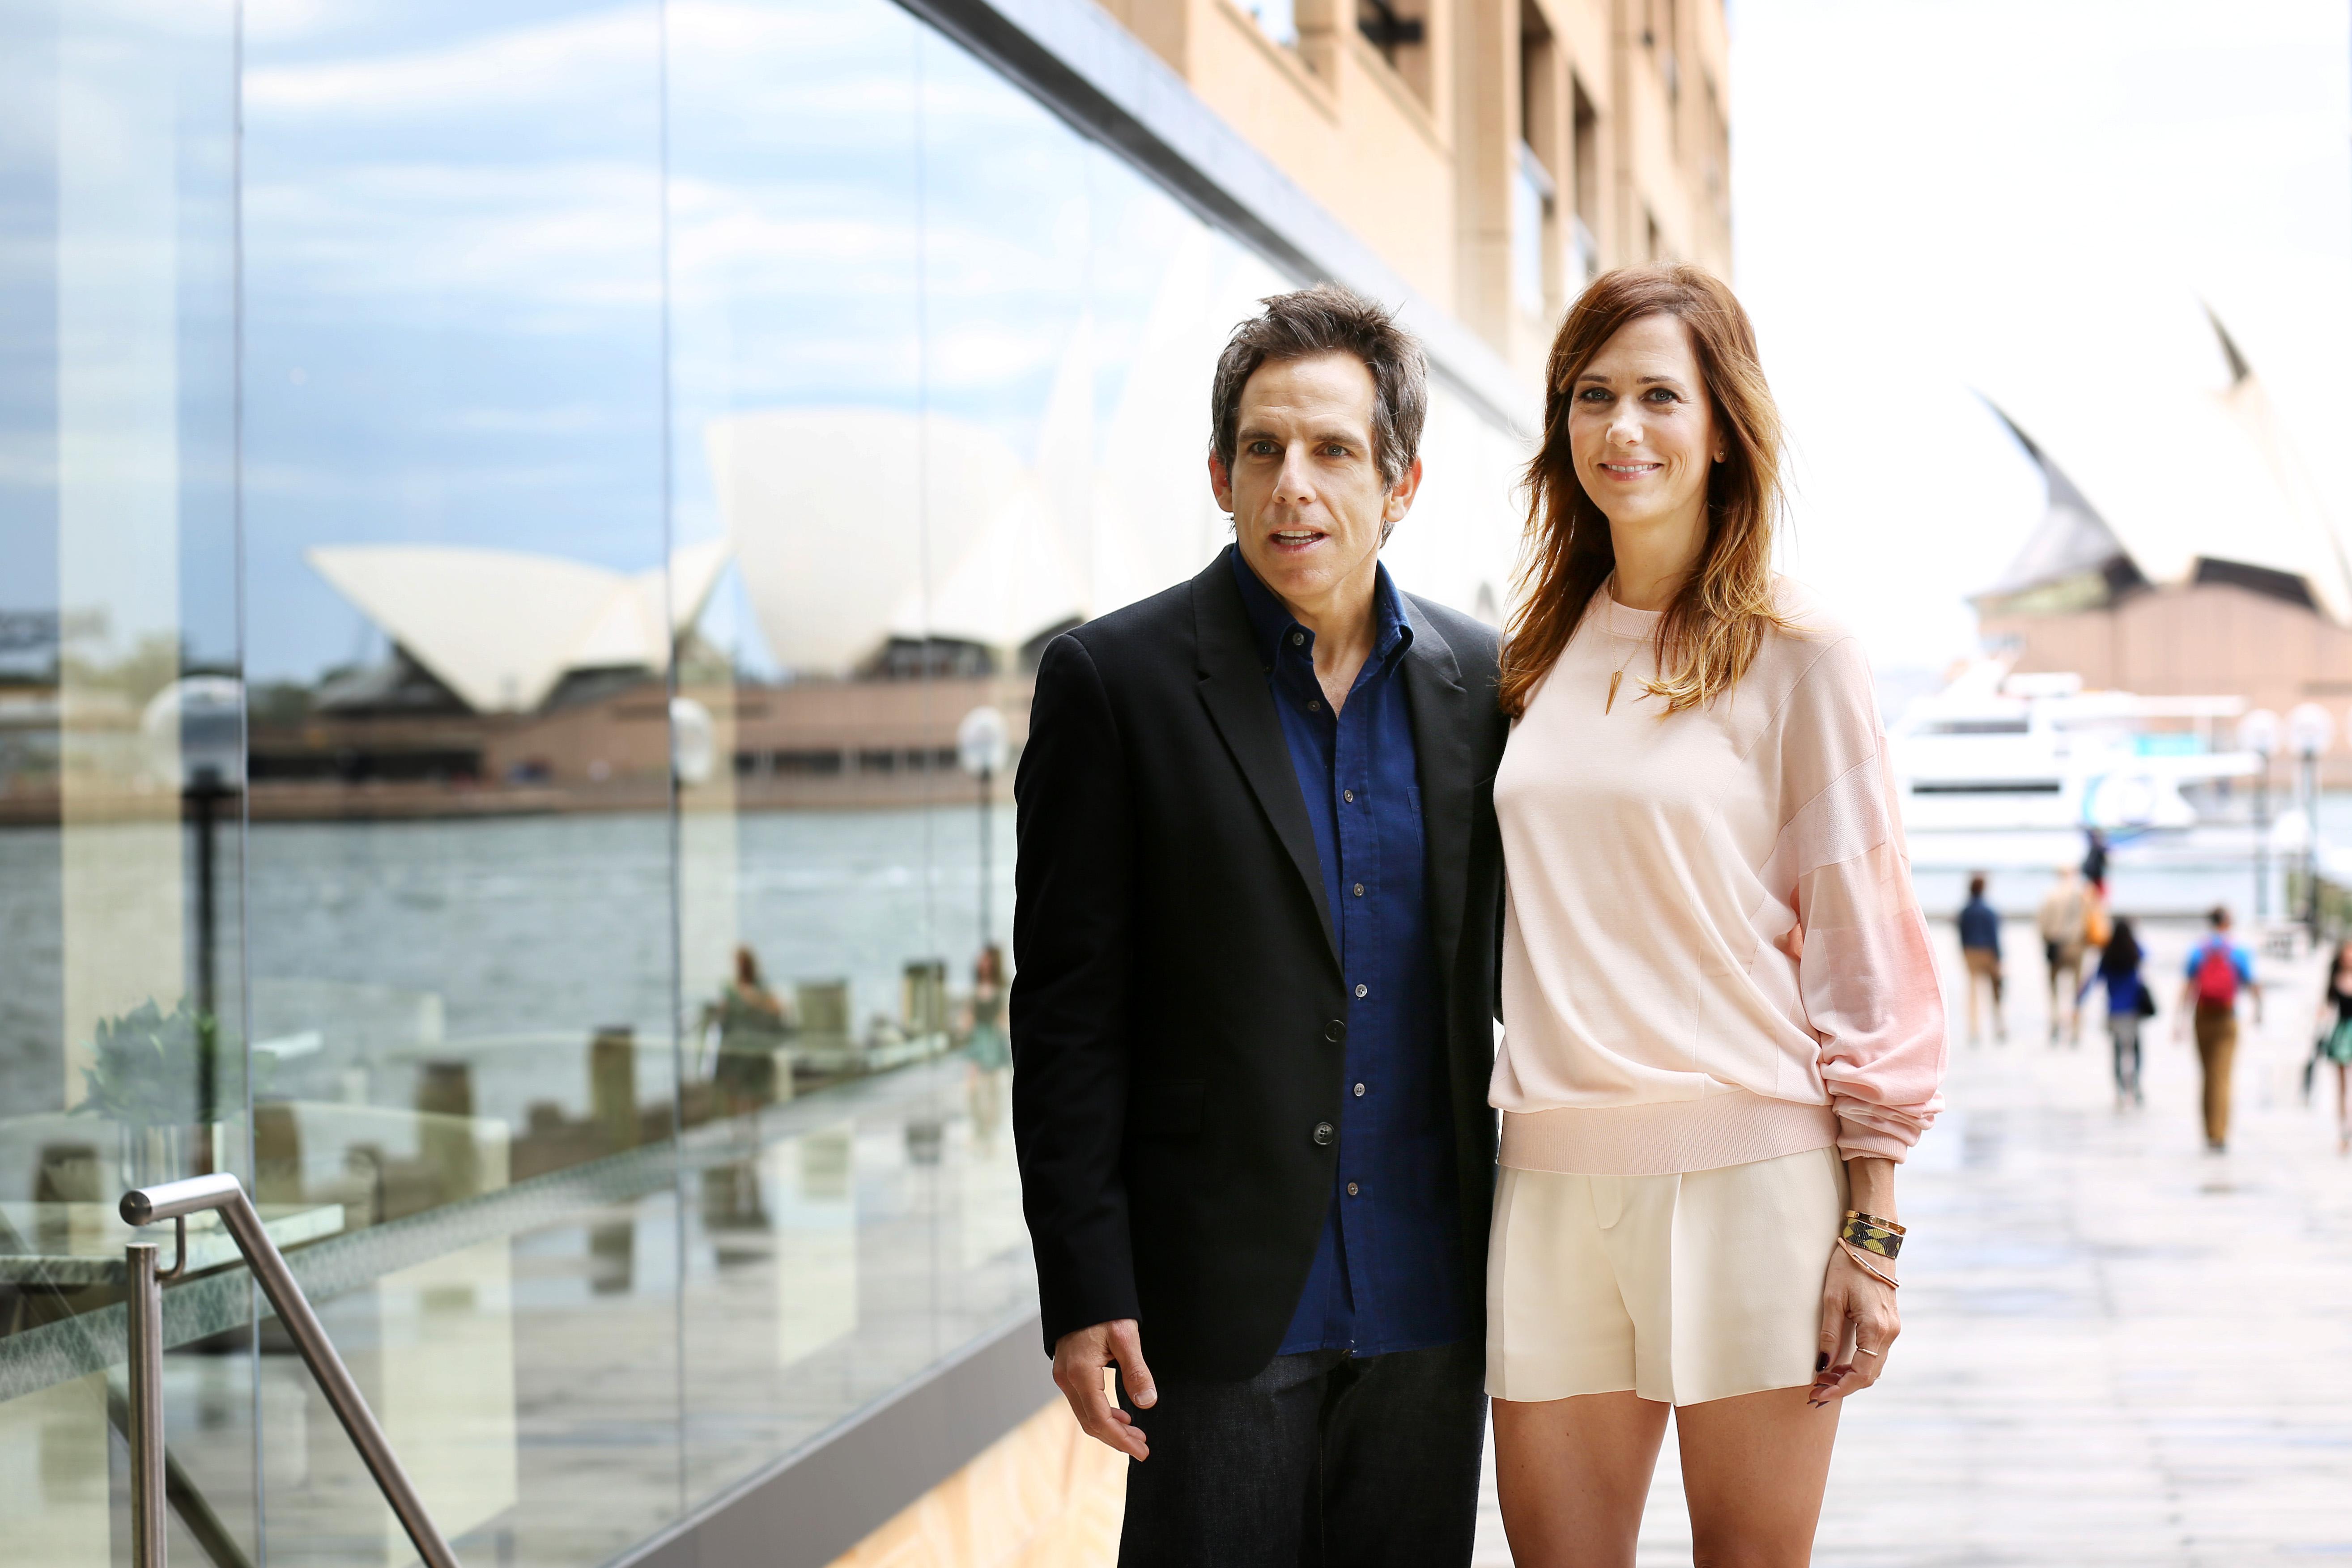 Ben Stiller & Kristen Wiig